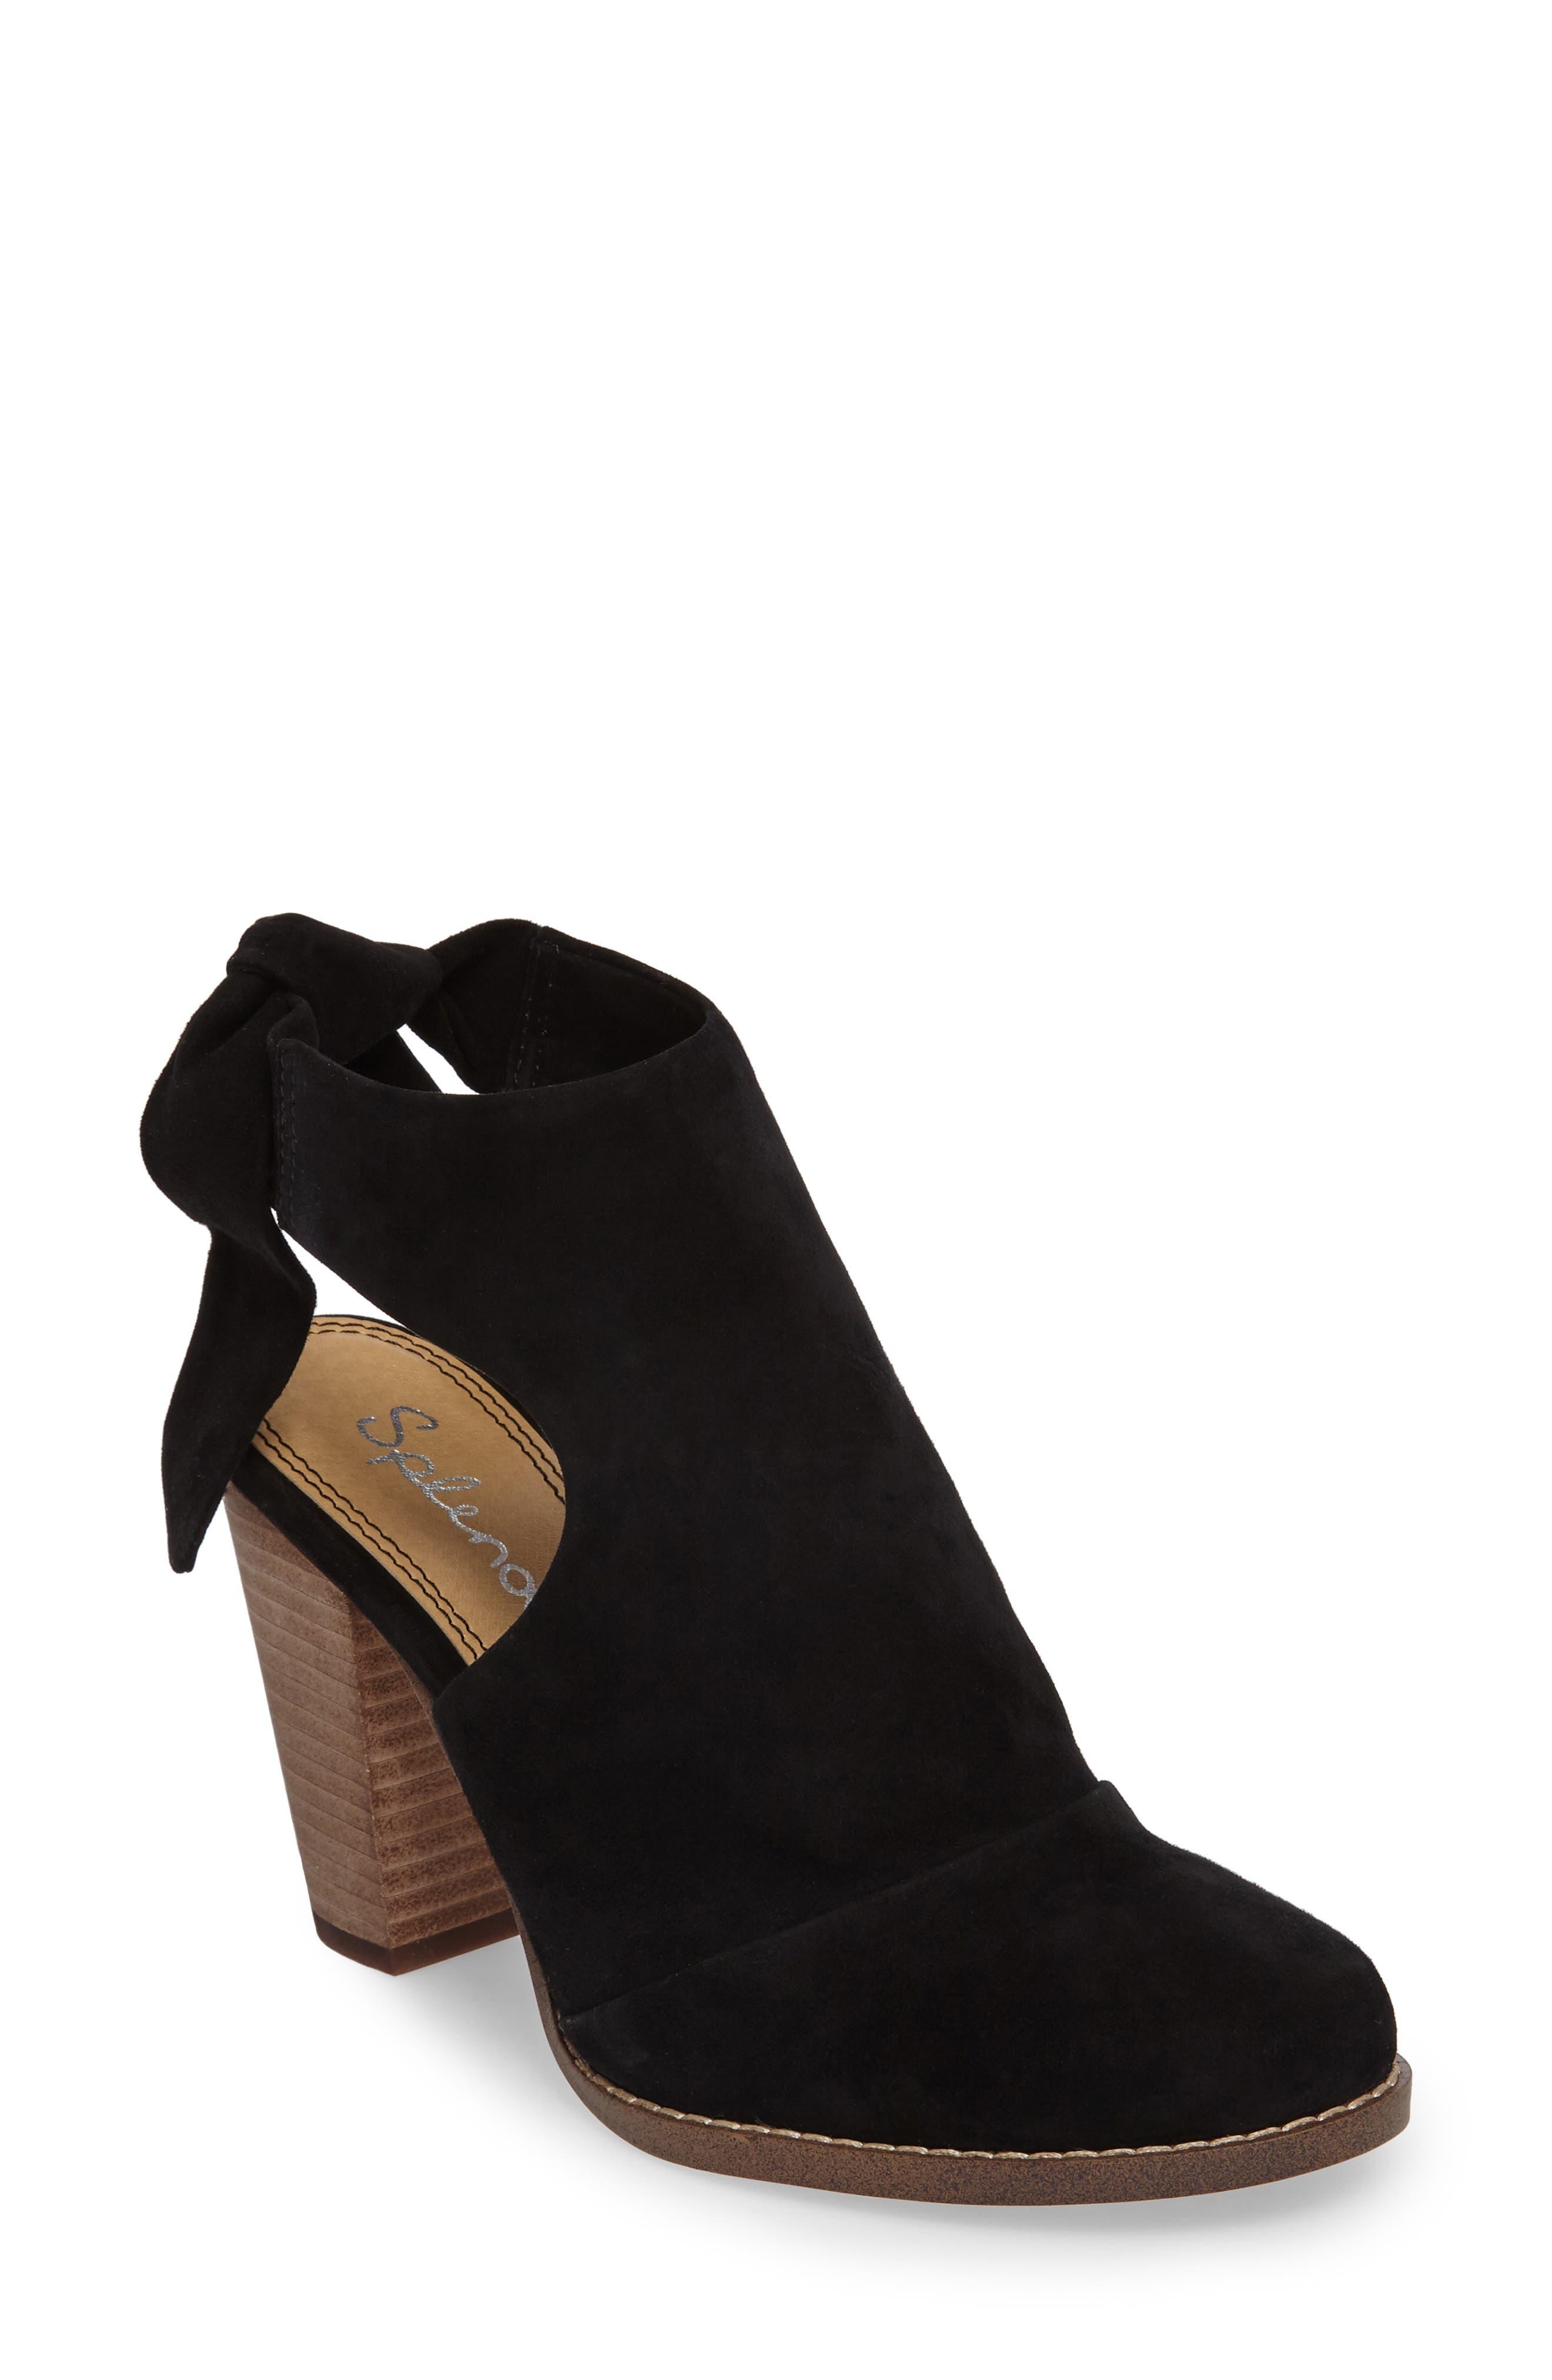 Main Image - Splendid Danae Stacked Heel Bootie (Women)